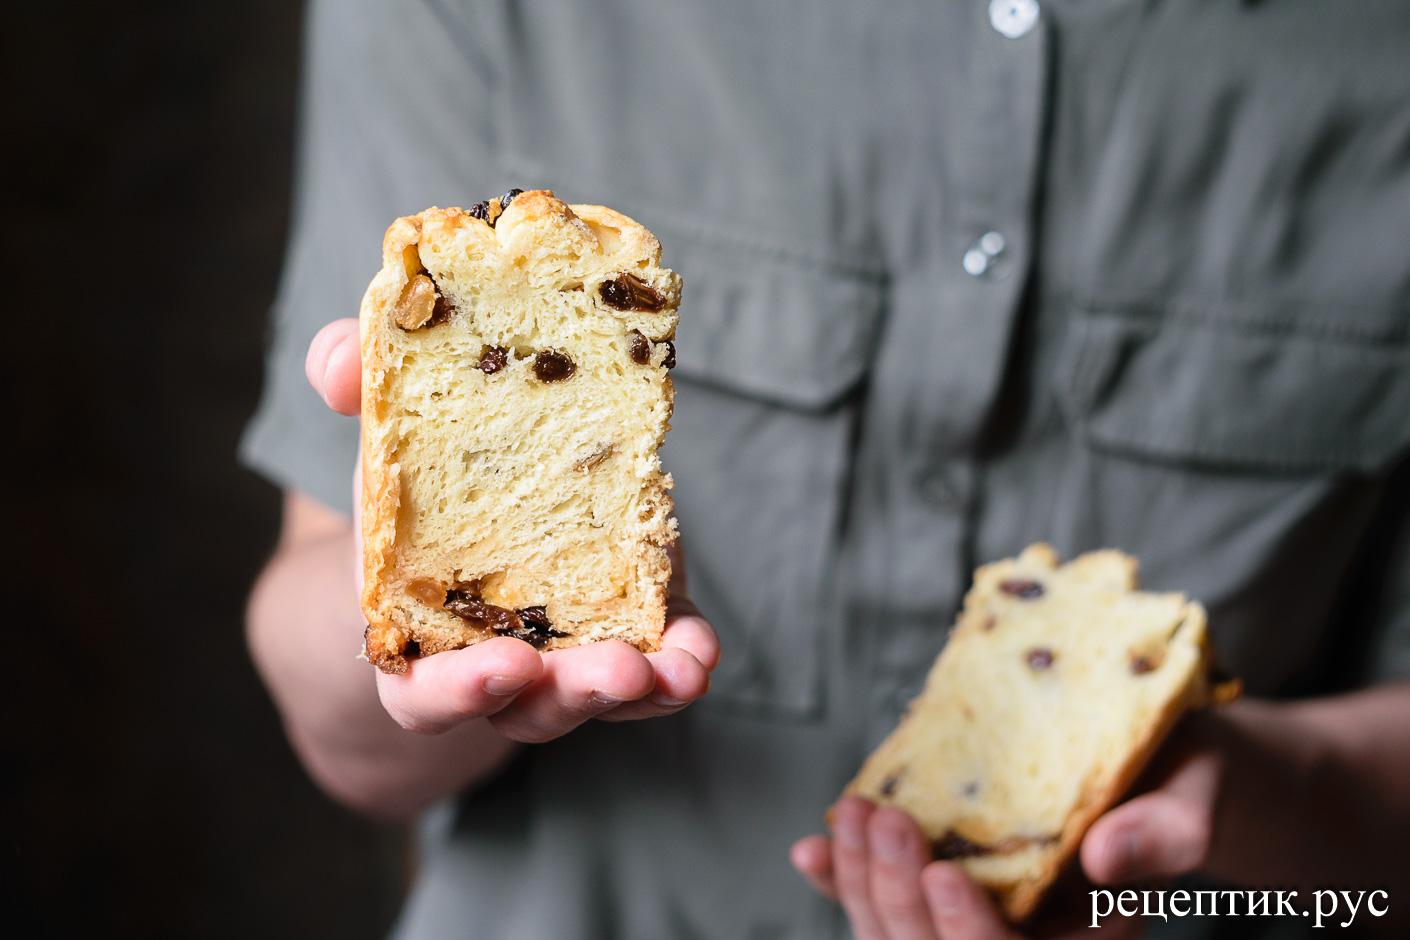 Пасхальный кулич-краффин – простой, быстрый и невероятно вкусный - рецепт с фото, результат